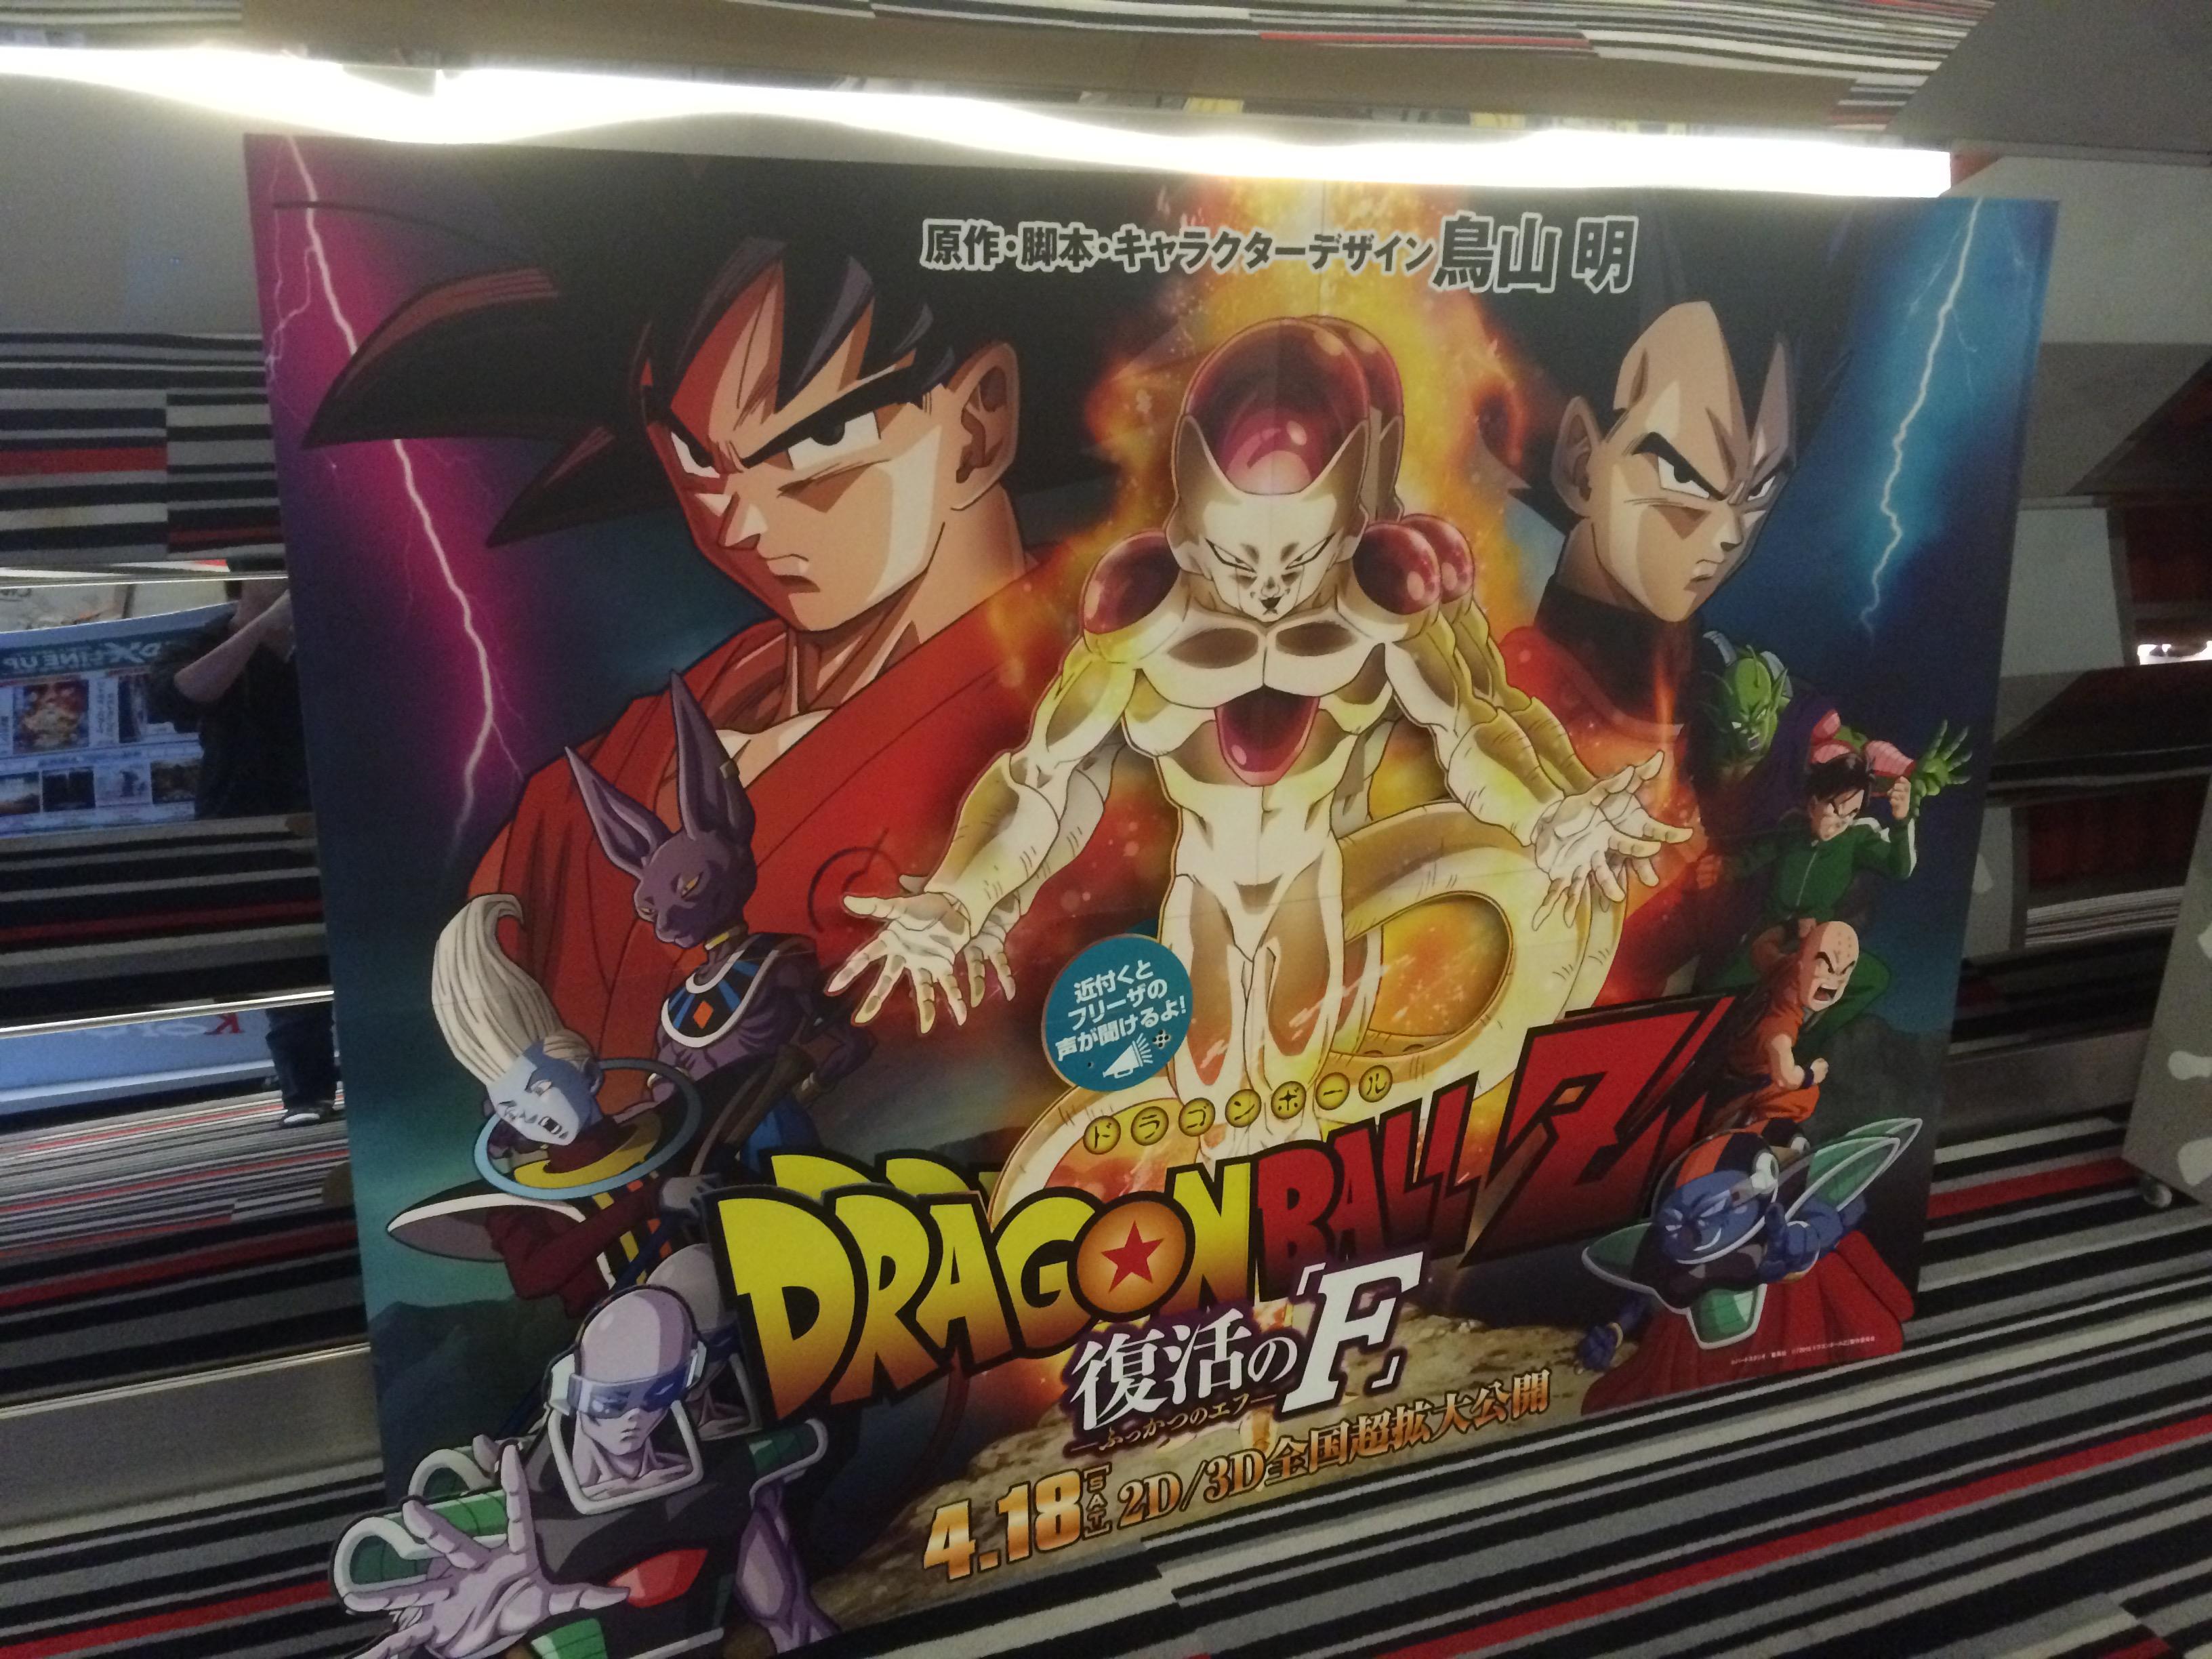 ドラゴンボールZ復活のF